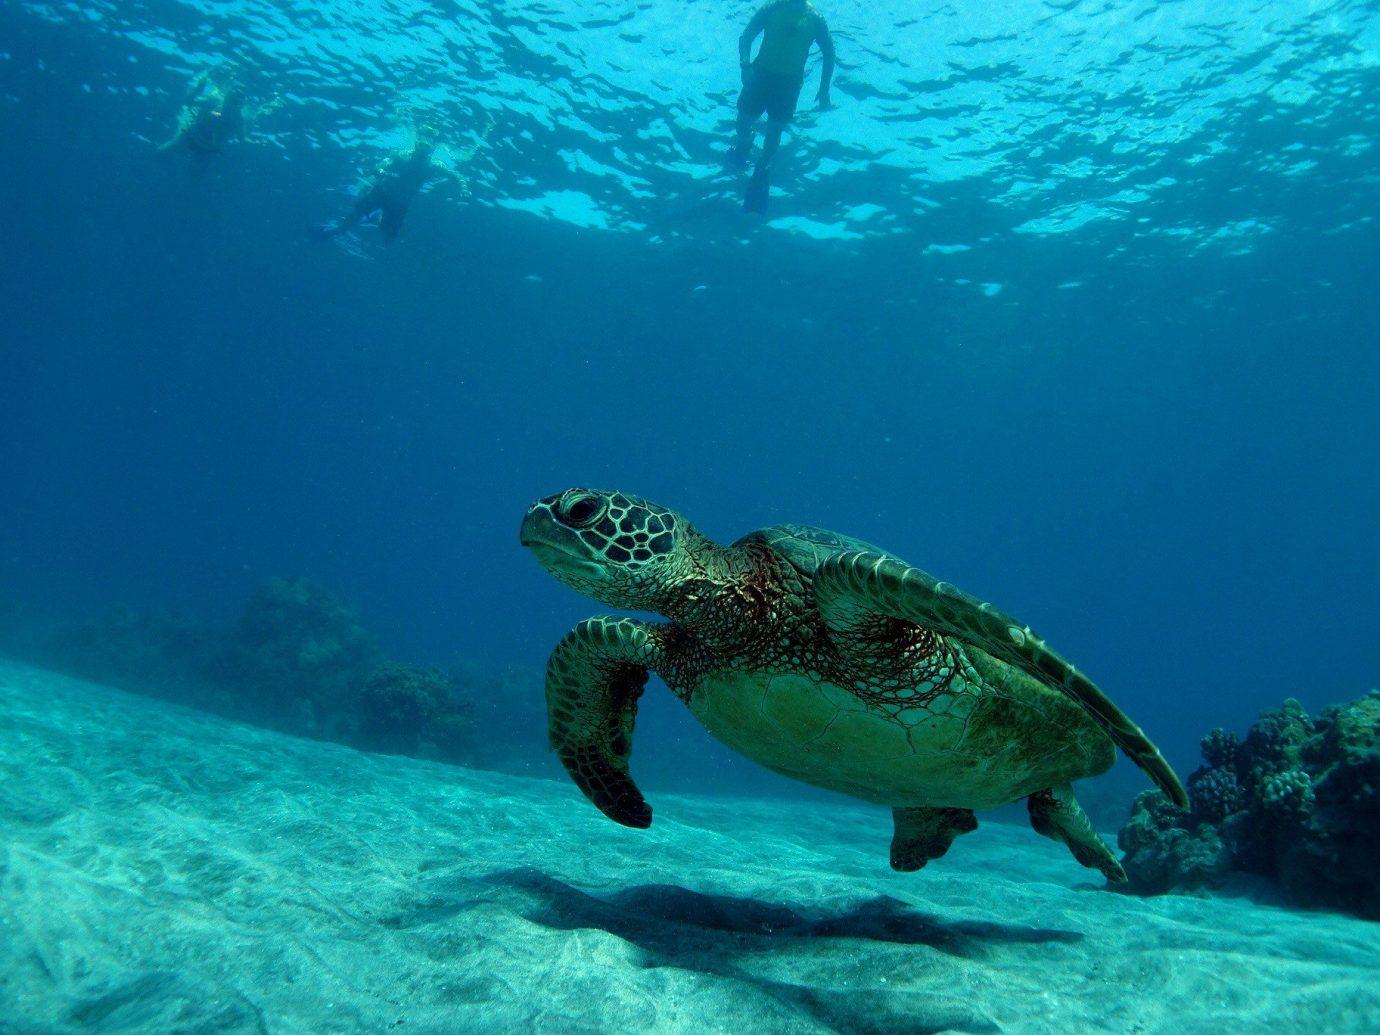 Hotels Trip Ideas sea turtle water Sea underwater turtle loggerhead marine biology Ocean organism Scuba Diving underwater diving reef ocean floor